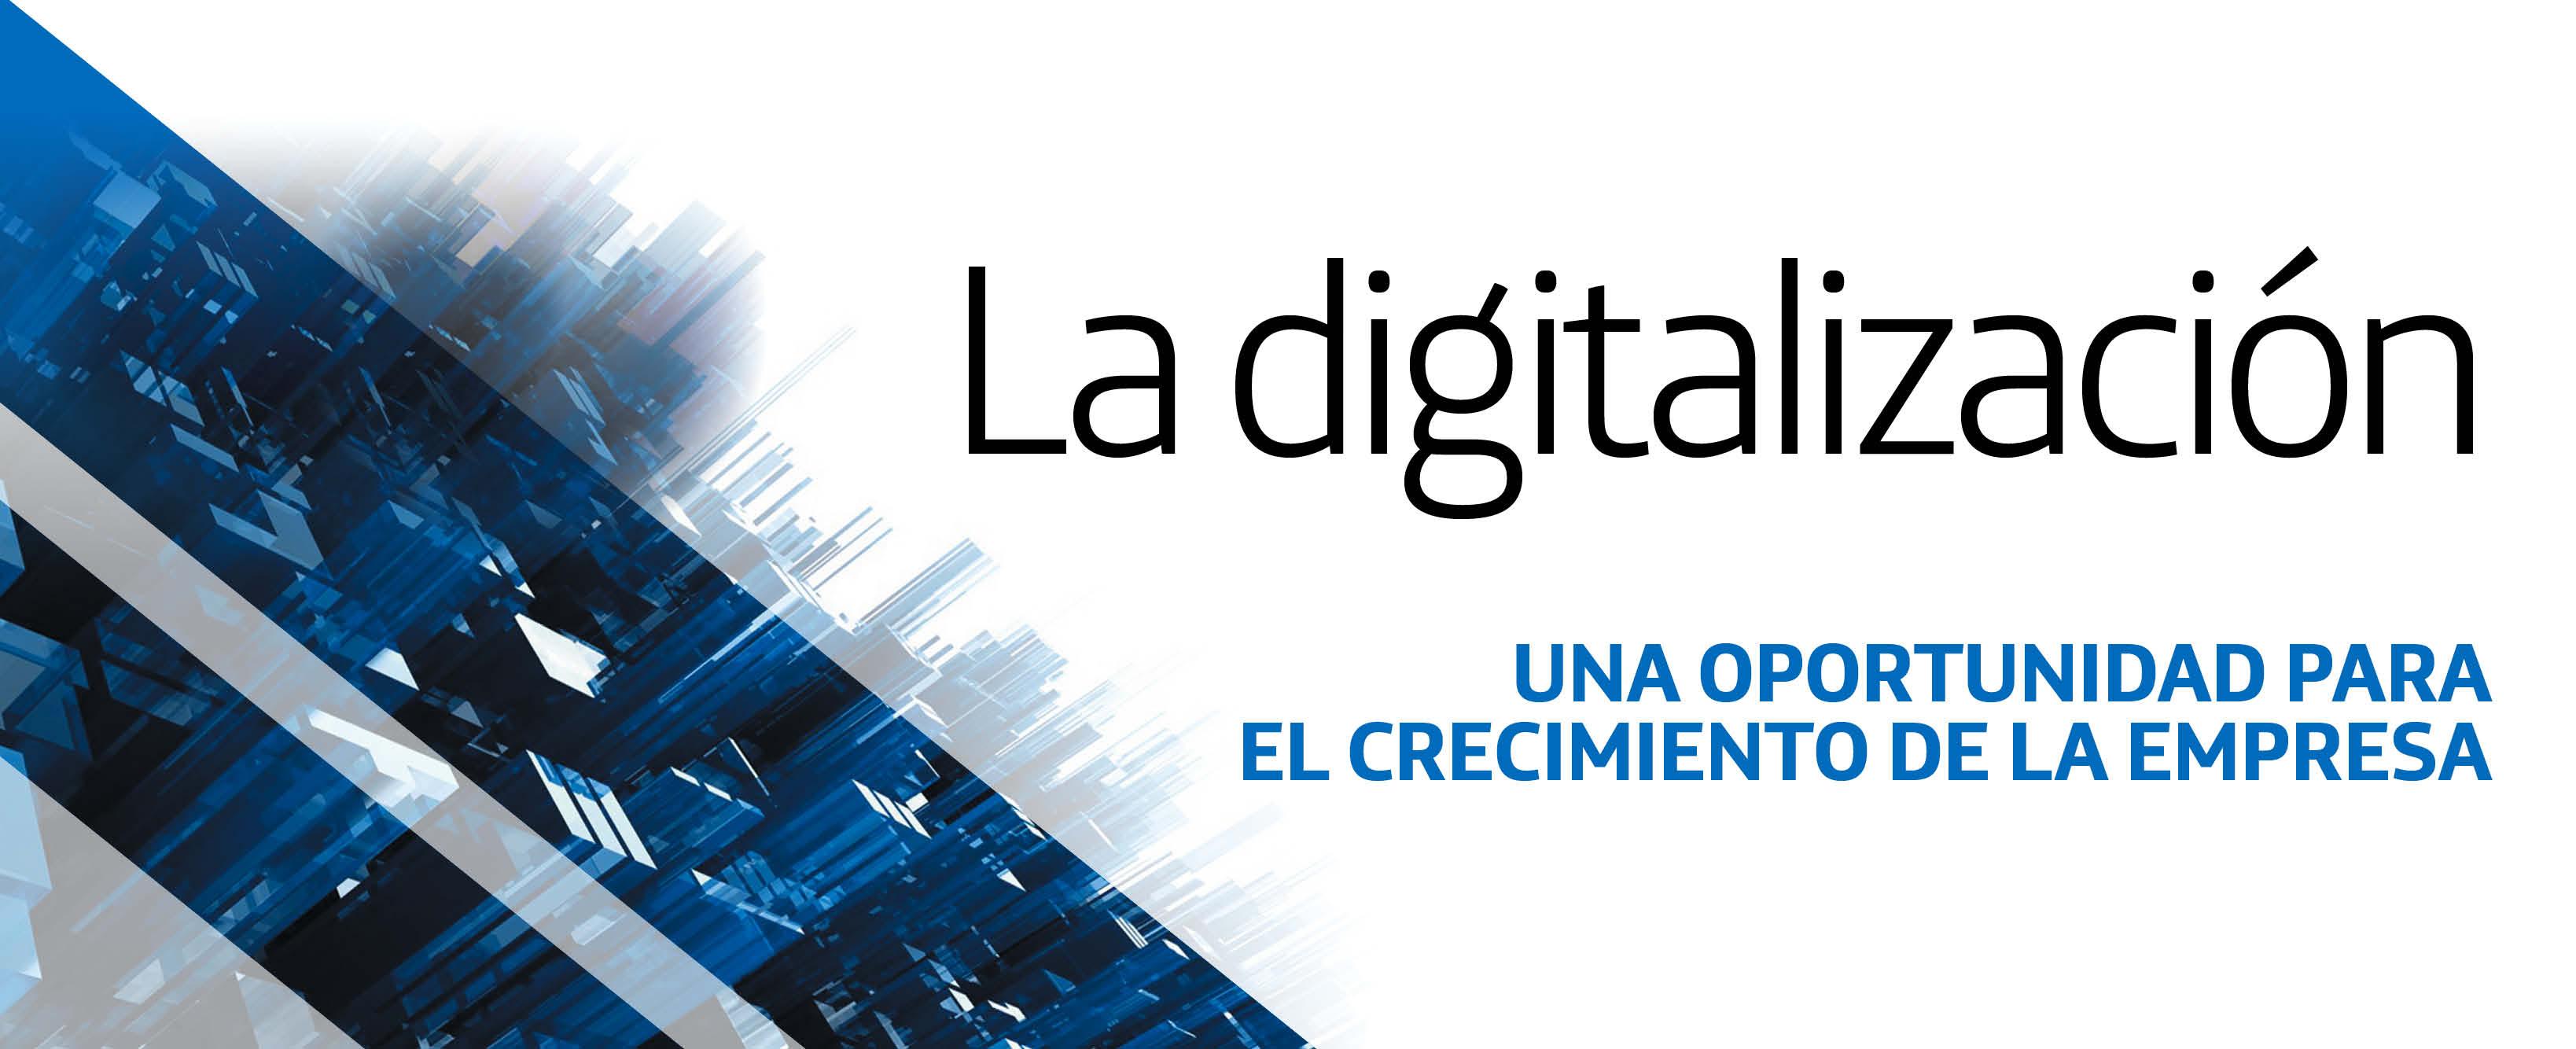 La digitalización, una oportunidad para el crecimiento de la empresa